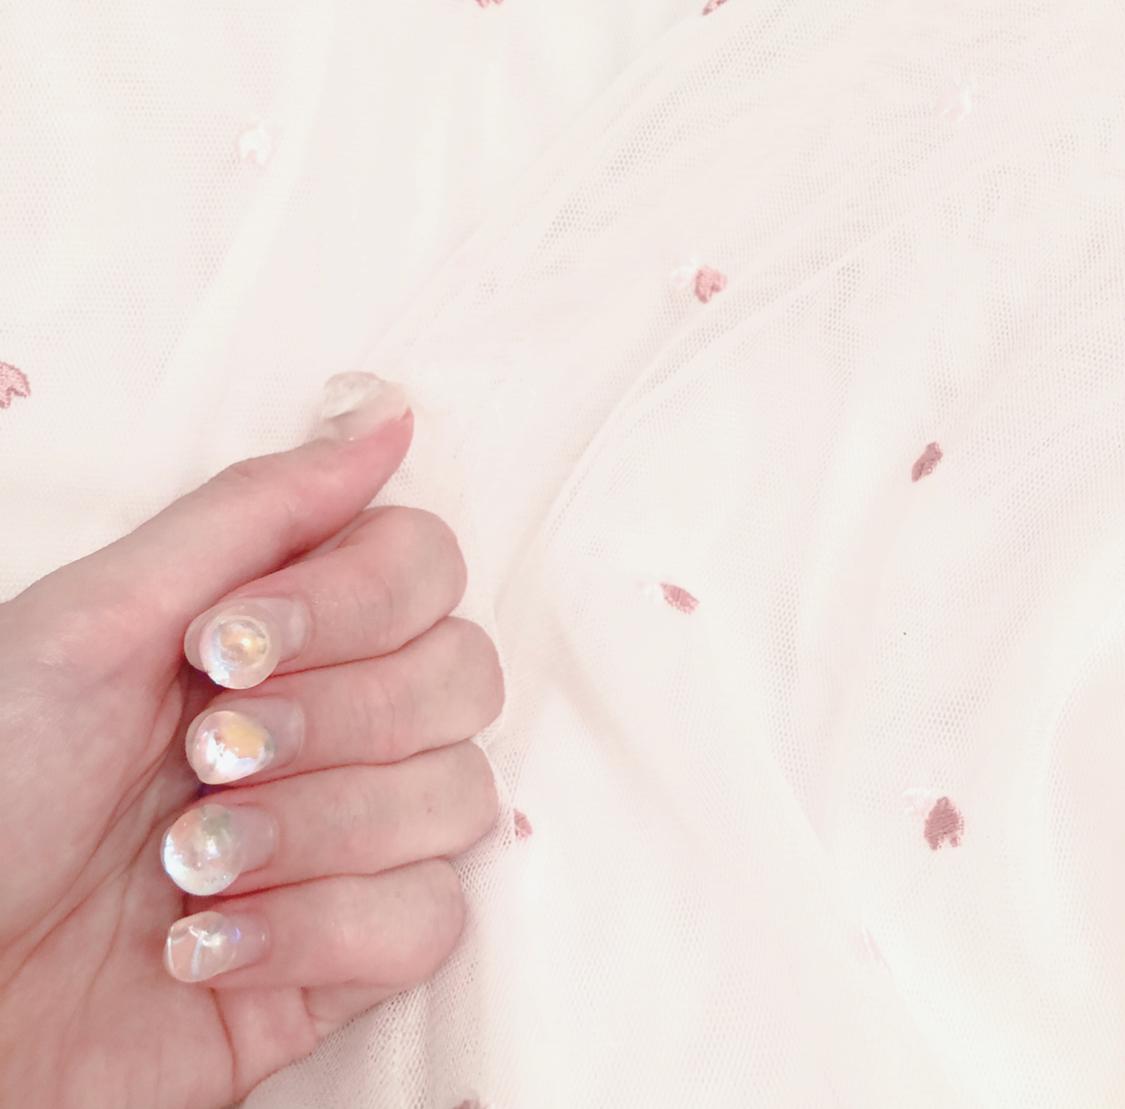 【夏ネイル】『ひとクセ』が可愛い♡夏の透明感ネイル_5